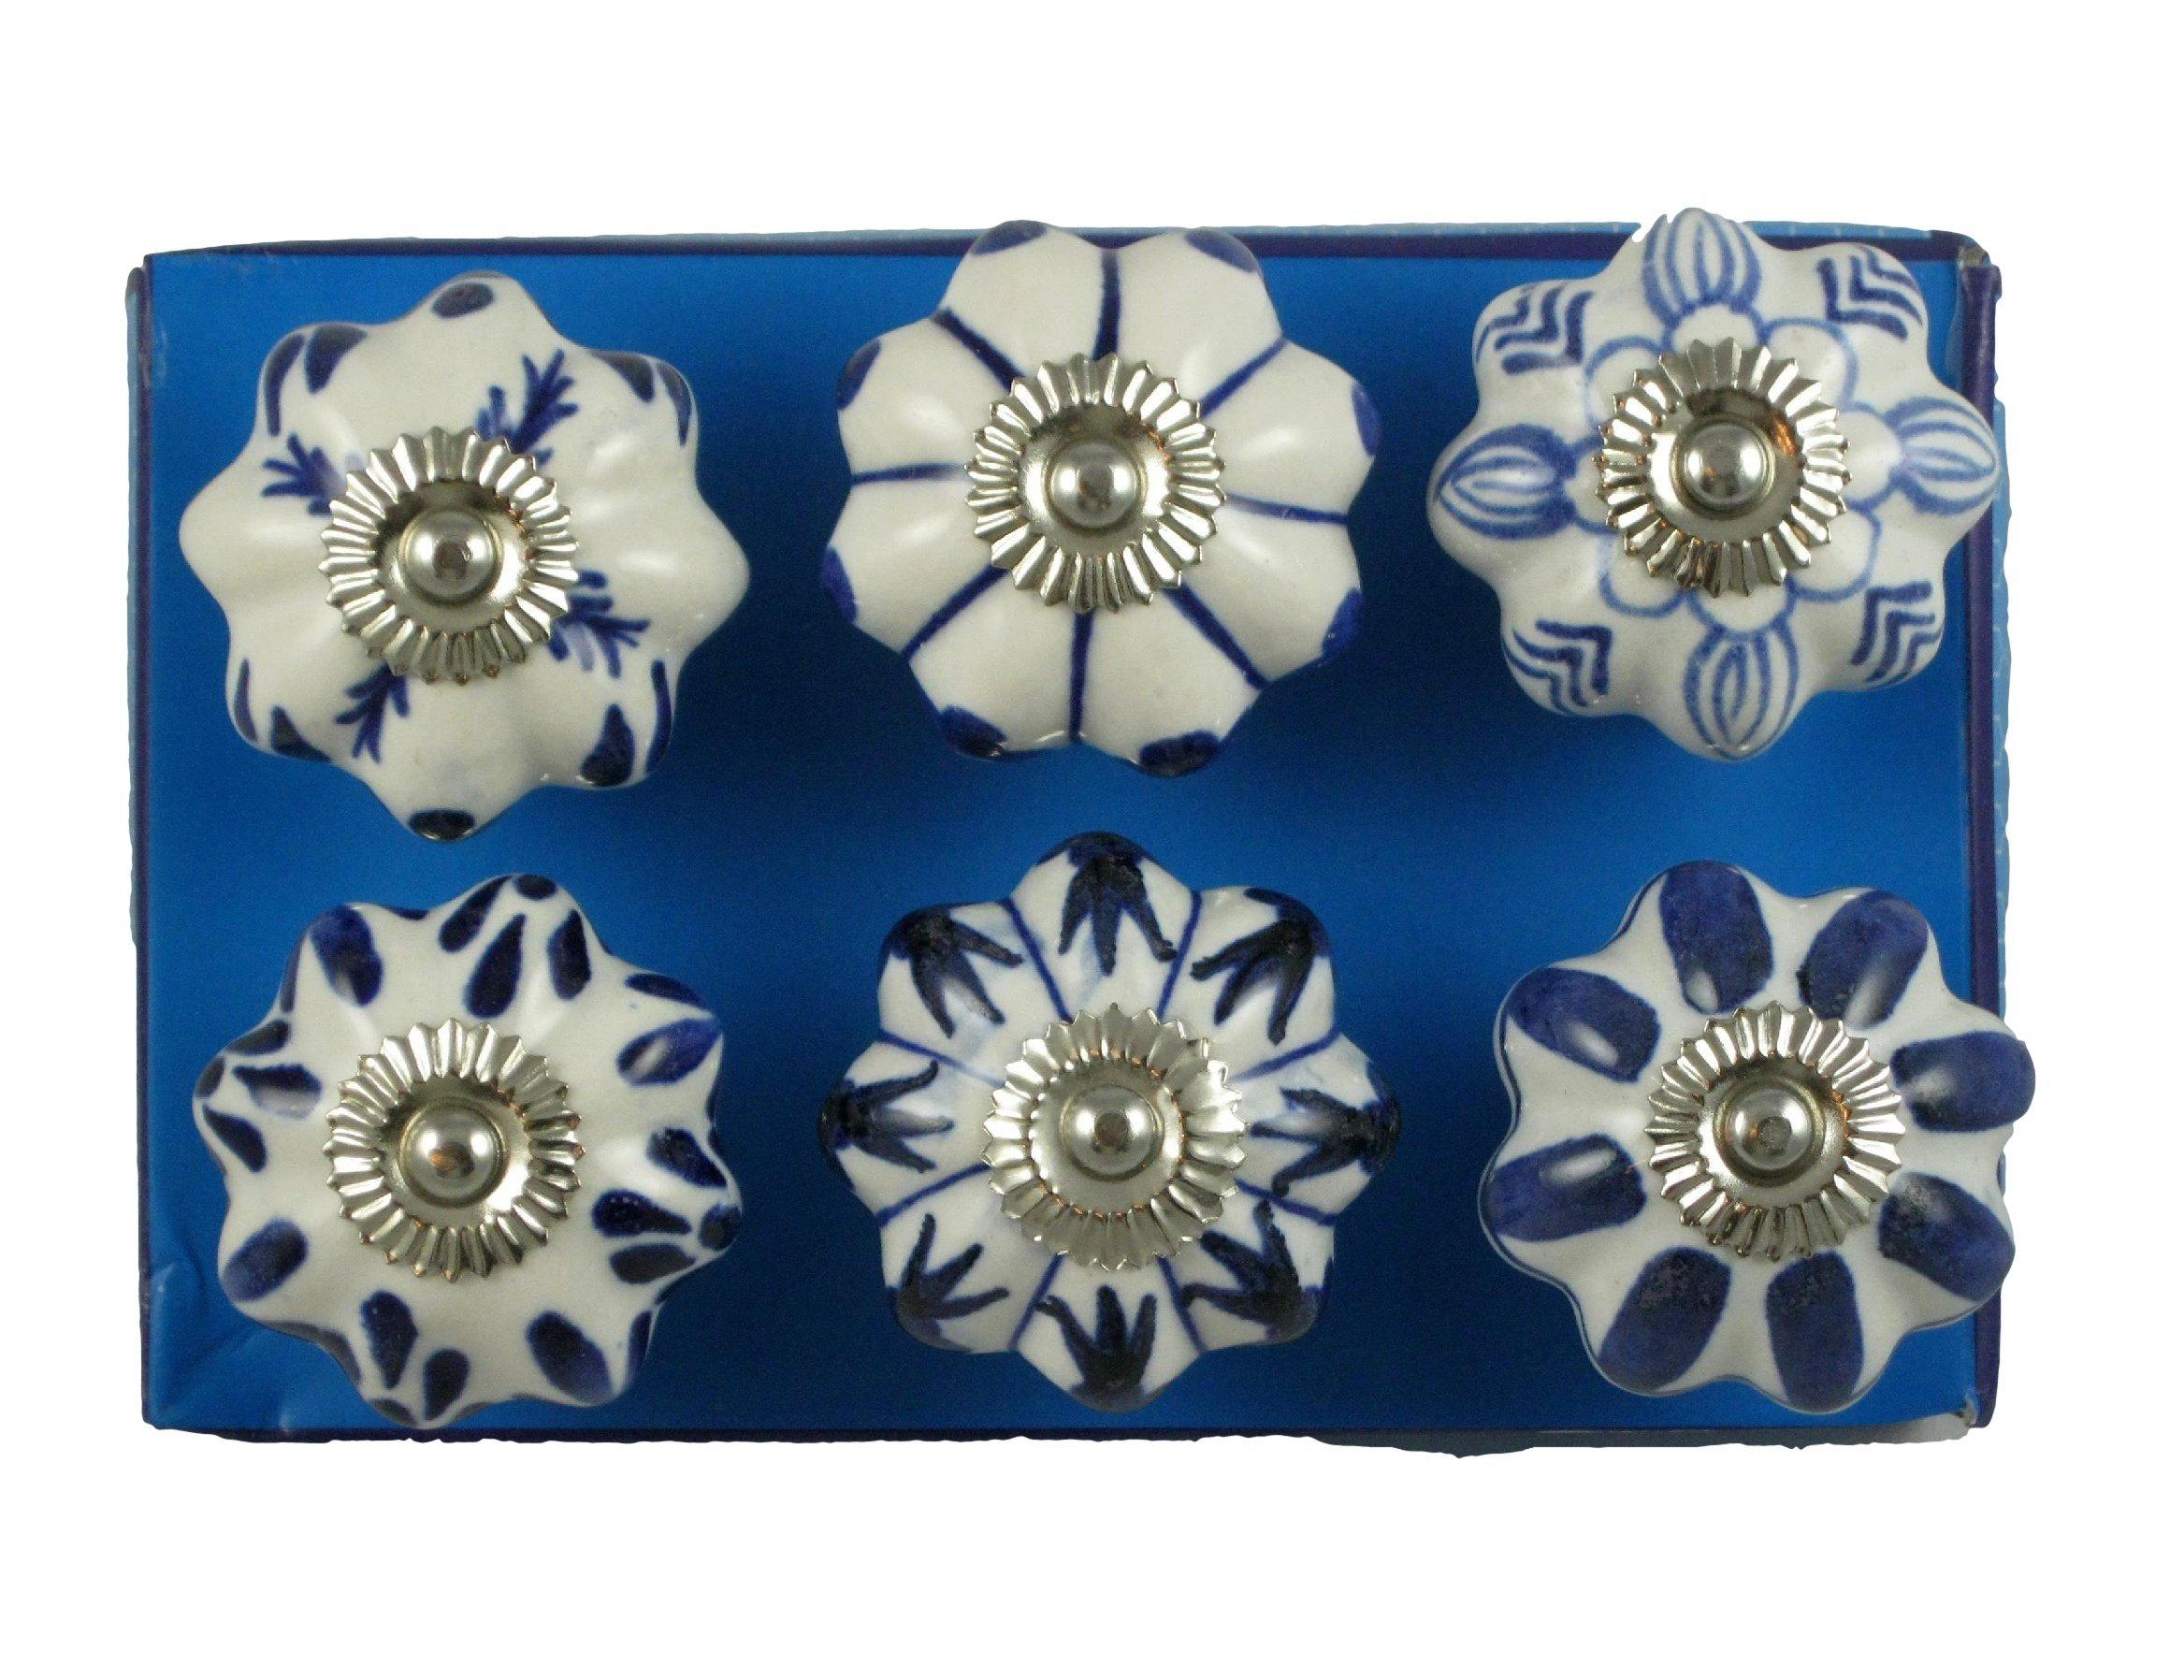 6 Tiradores de Ceramica / Porcelana (0X8HVTR0)